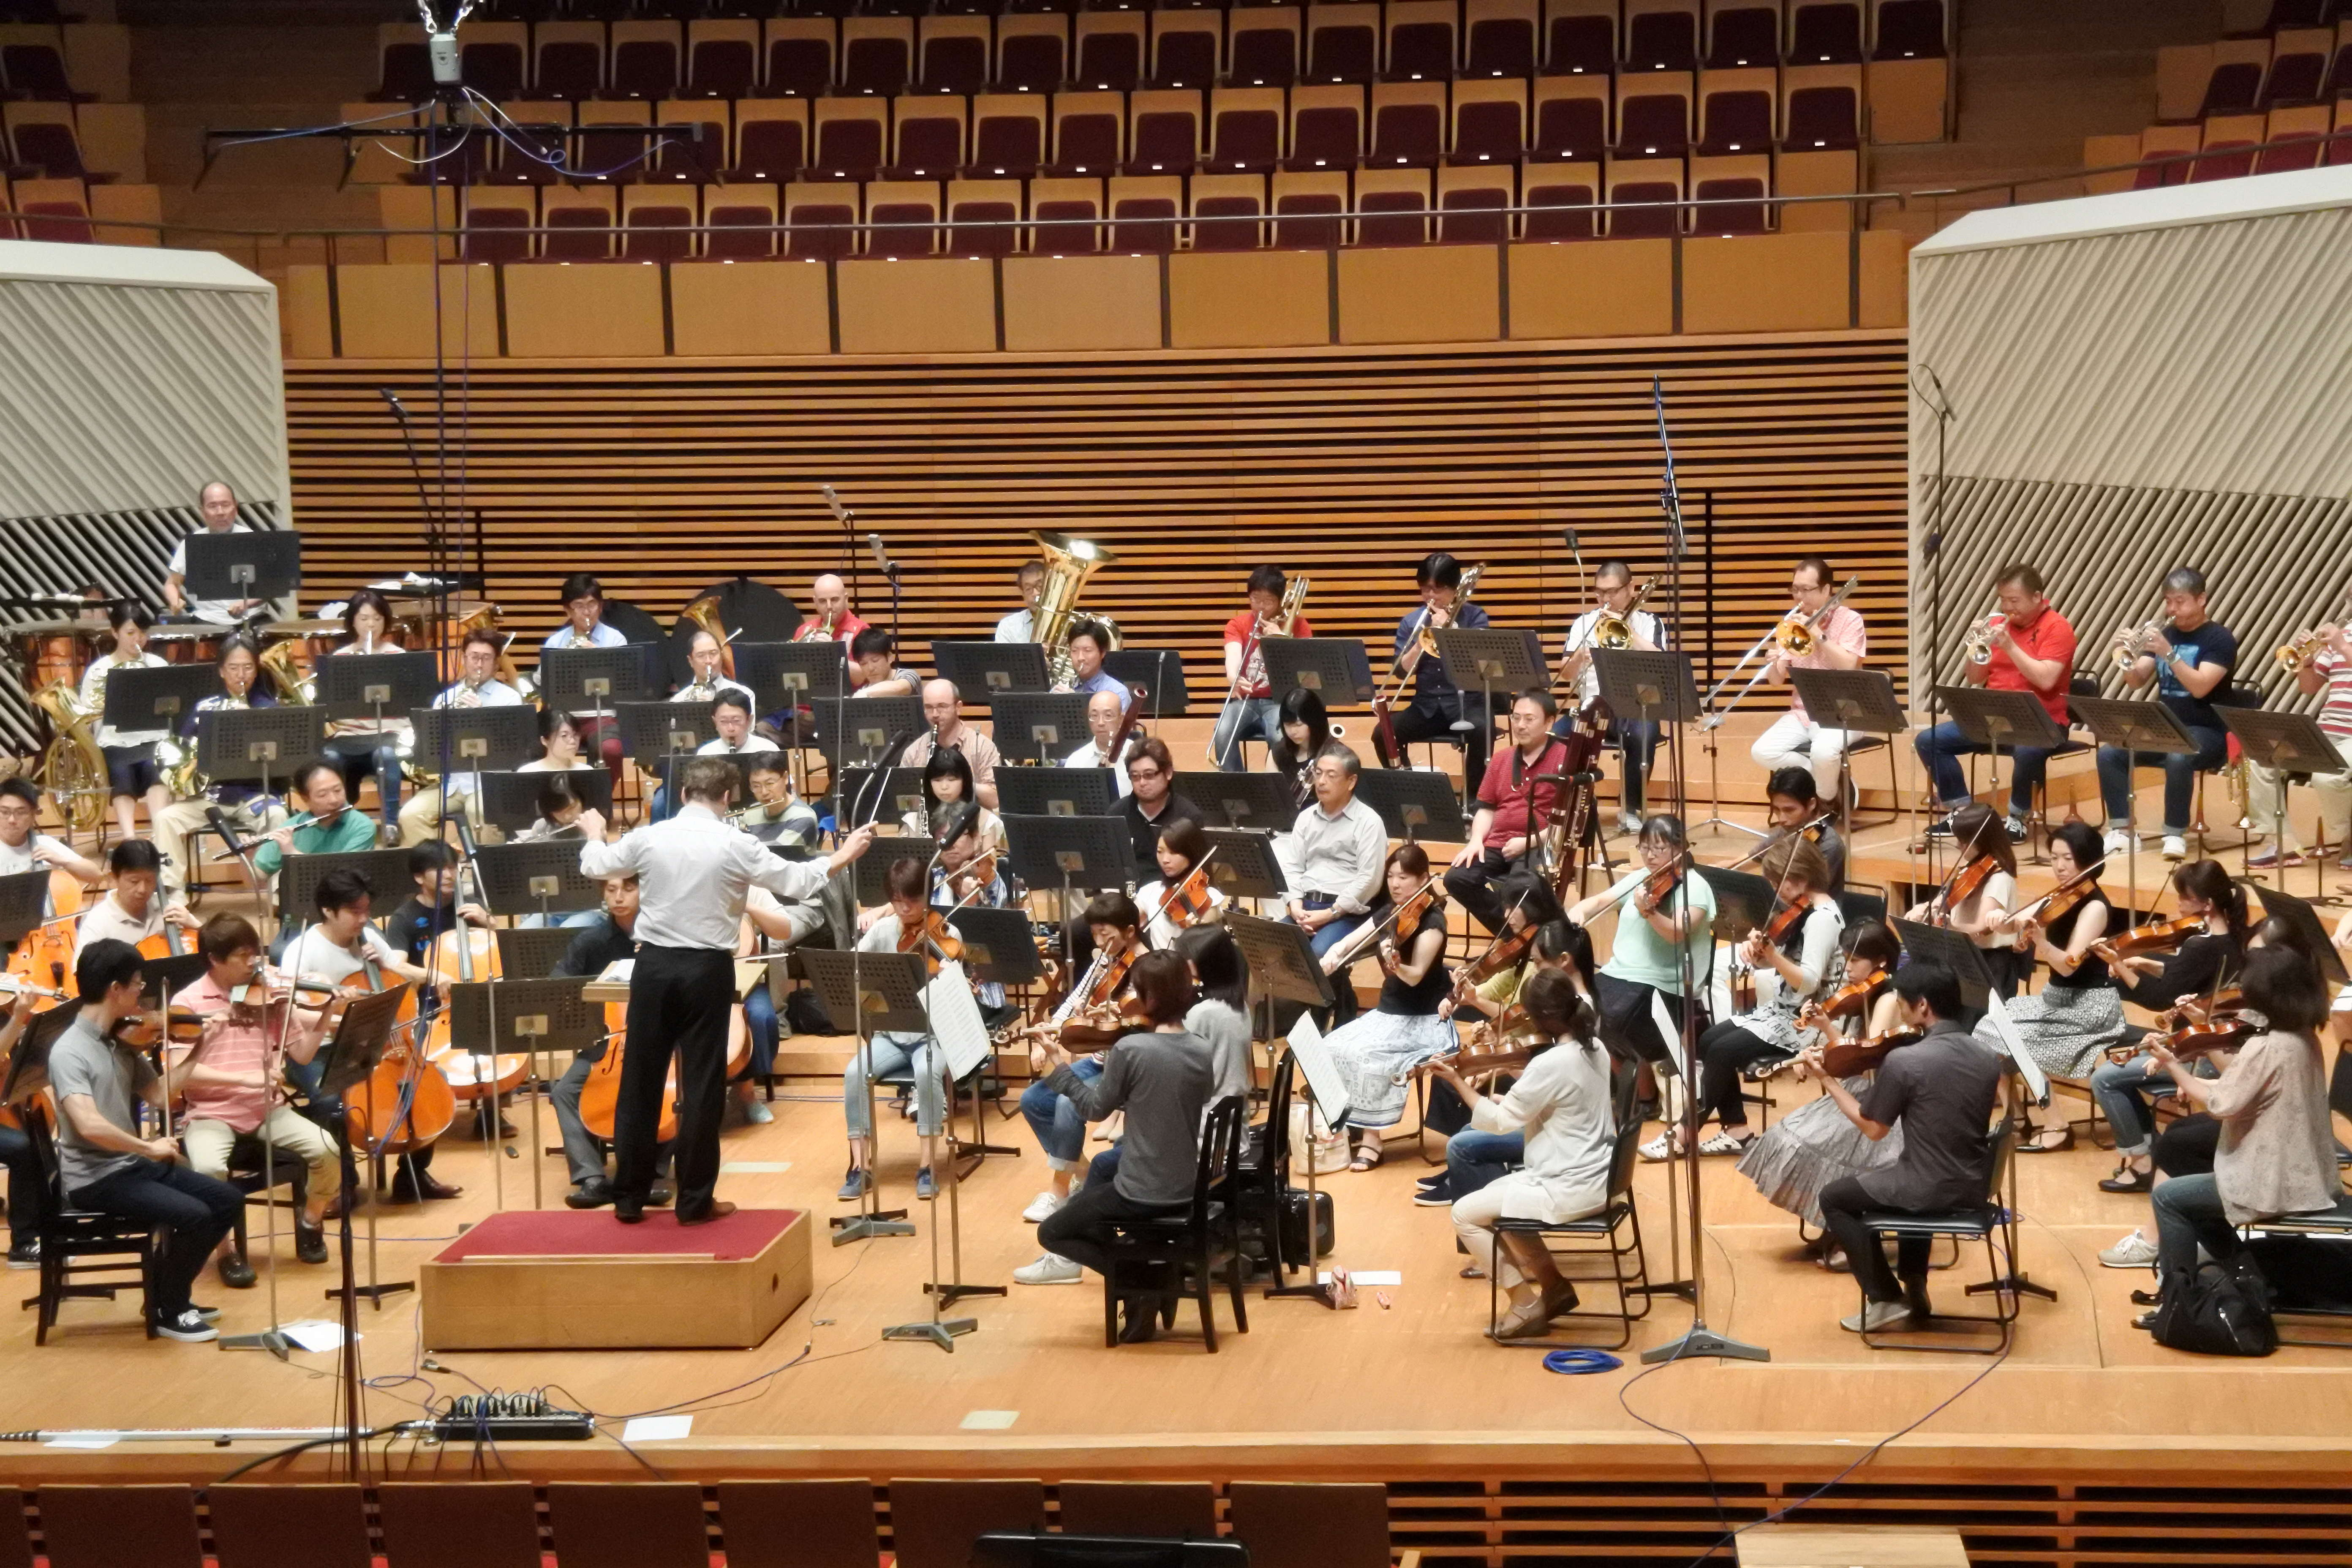 気負いなく、しかし集中してリハーサルは進められた (撮影:筆者 取材協力:東京交響楽団)